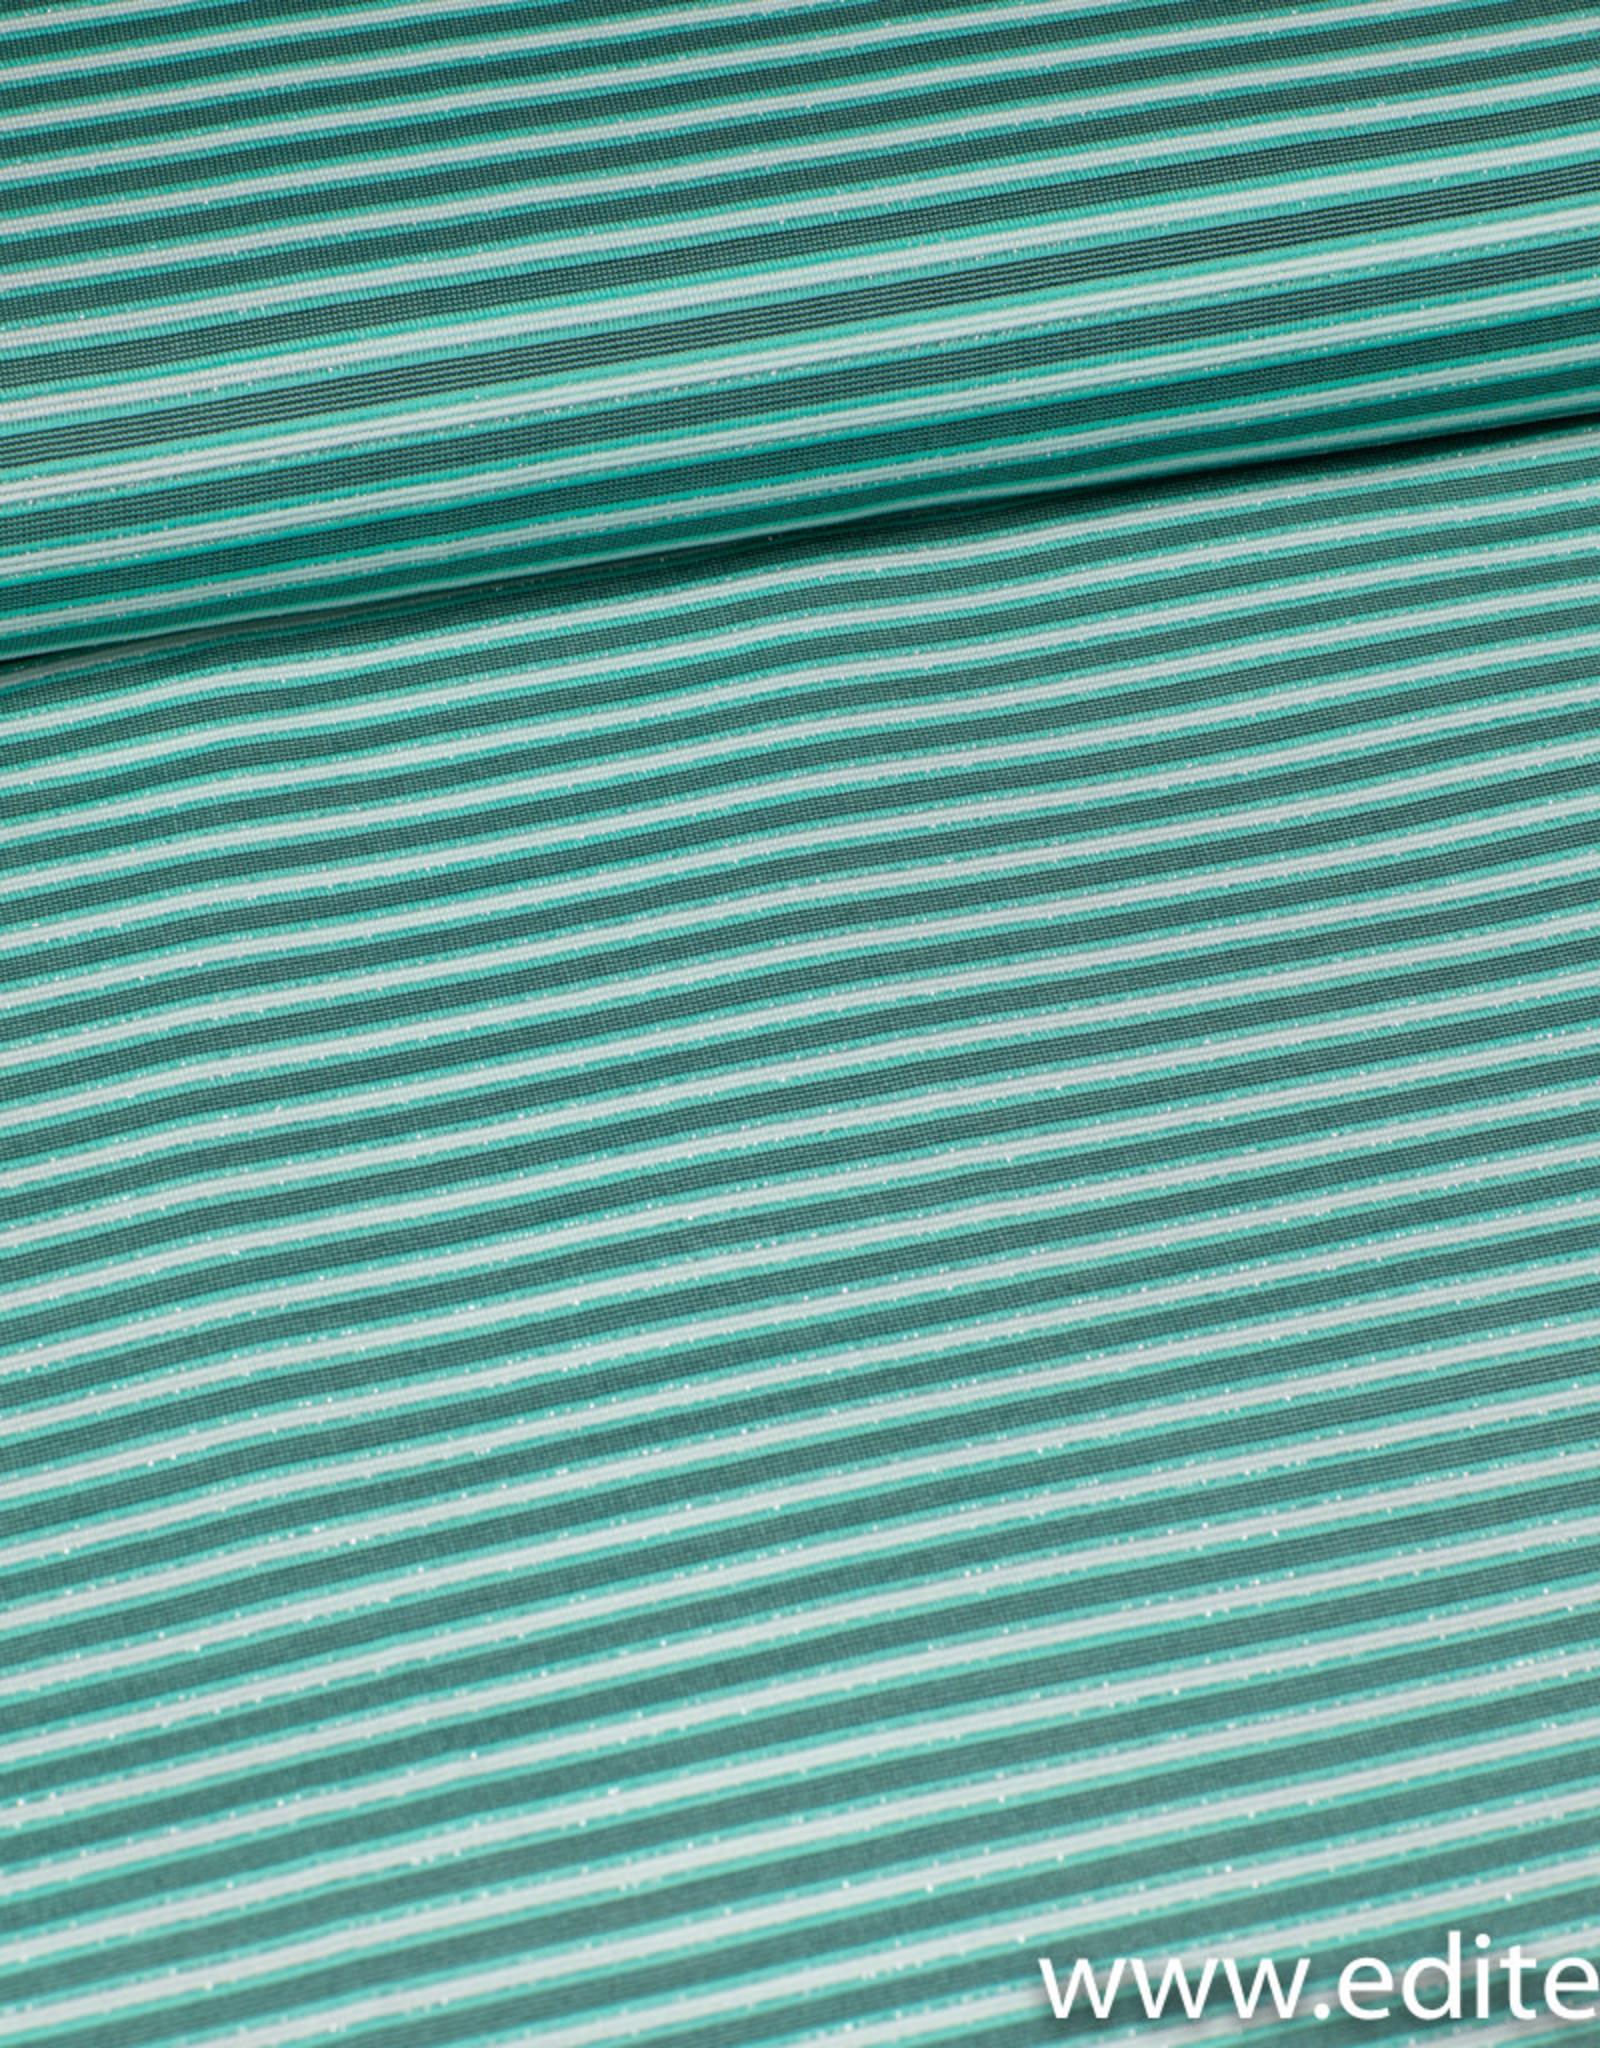 Gestreept groen met lurex